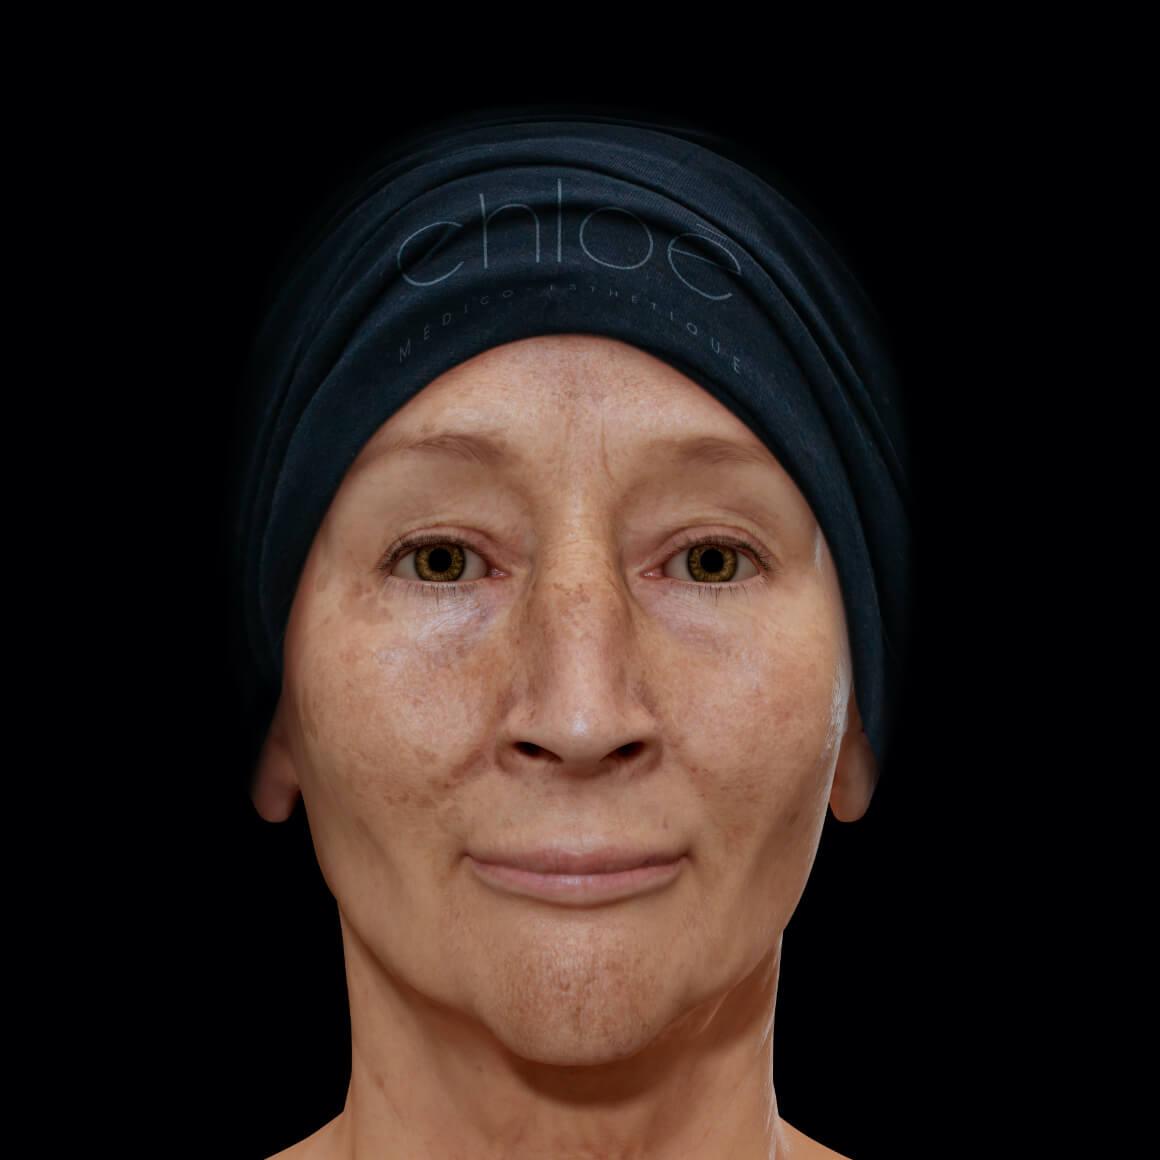 Femme patiente à la Clinique Chloé vue de face arborant du mélasma sur le visage